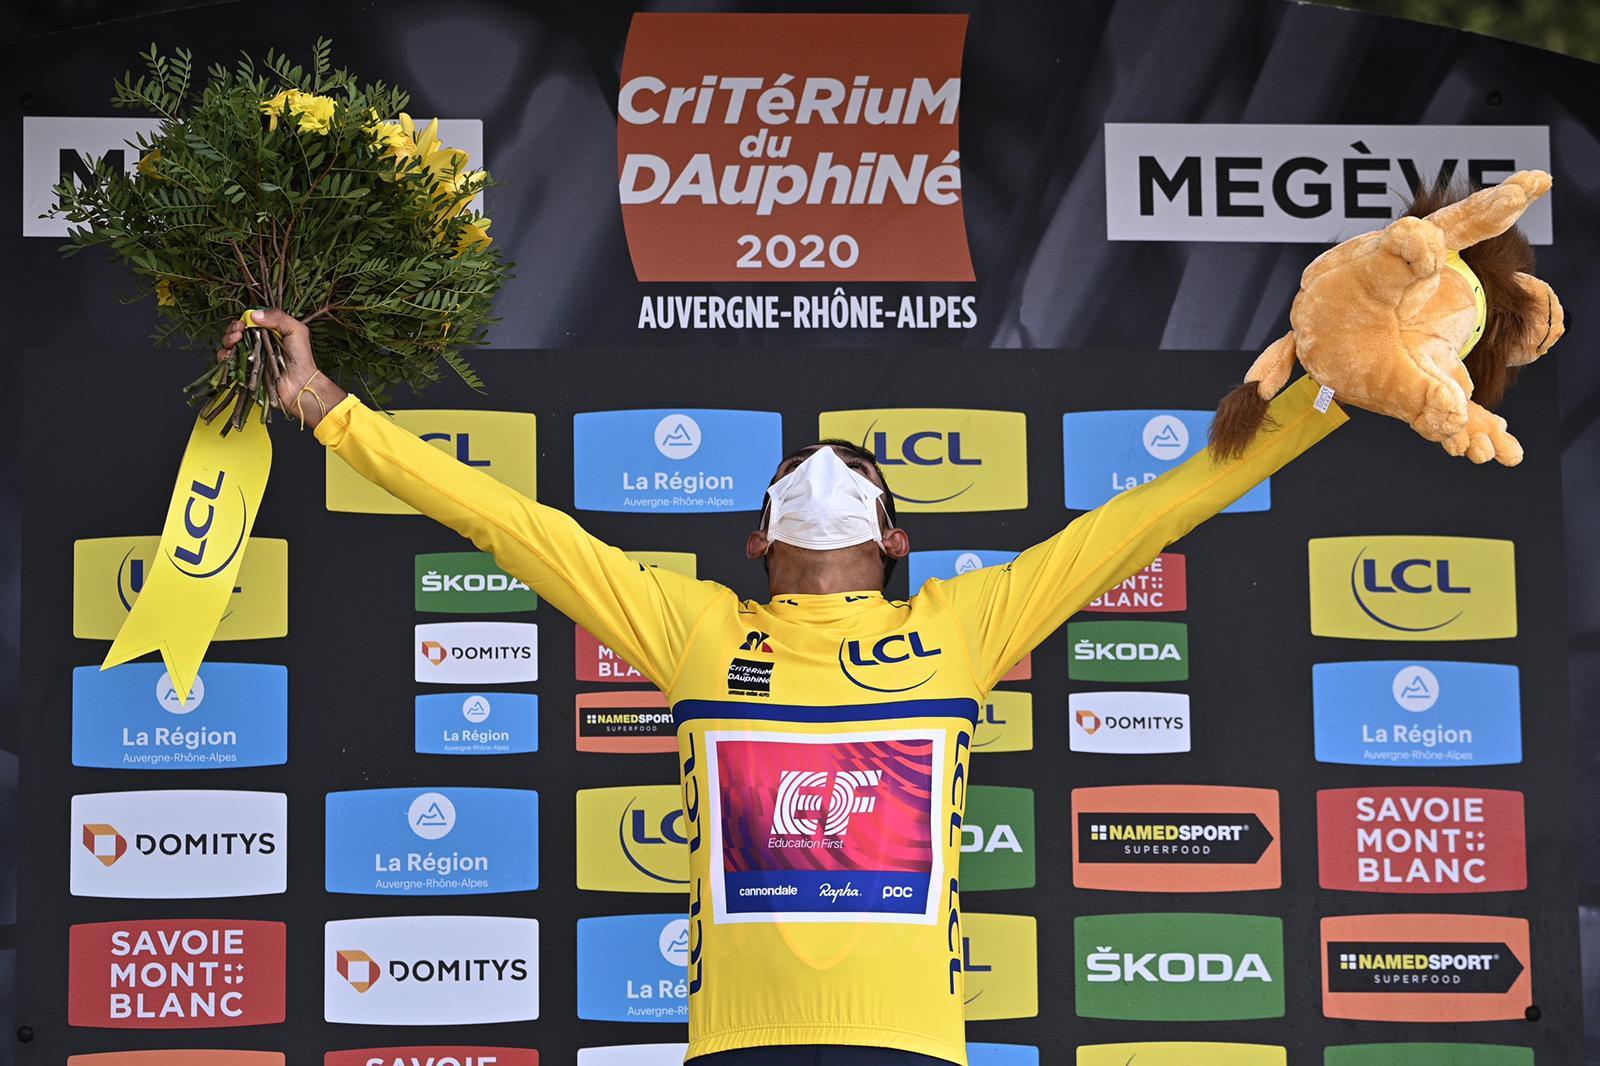 Daniel Martínez podio Critérium 2020